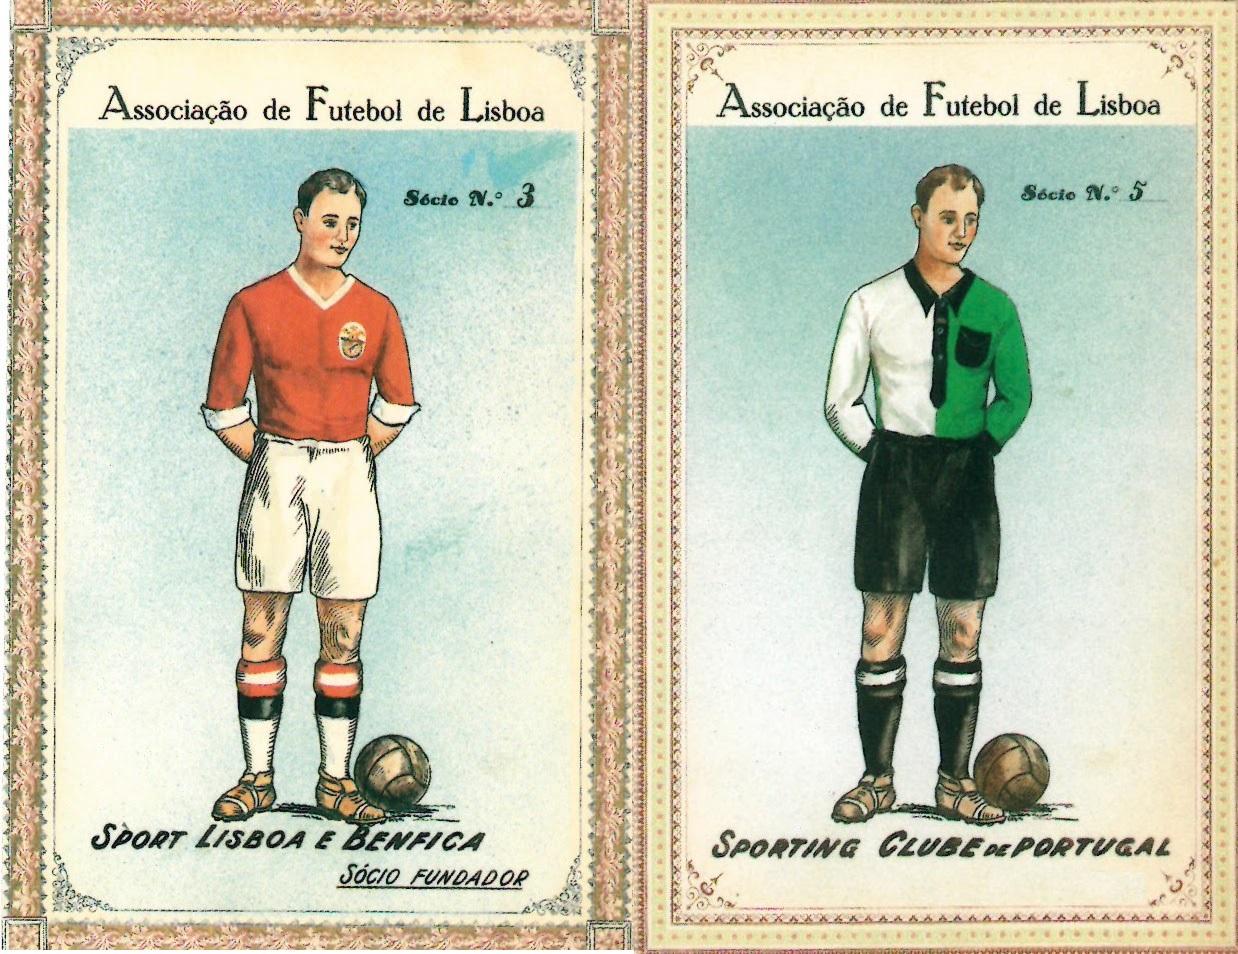 ... por escalões etários embora existissem equipas de Infantis (que eram  constituídos por futebolistas até aos 16 anos mas não competiam a nível  oficial 0abc9d01ca606